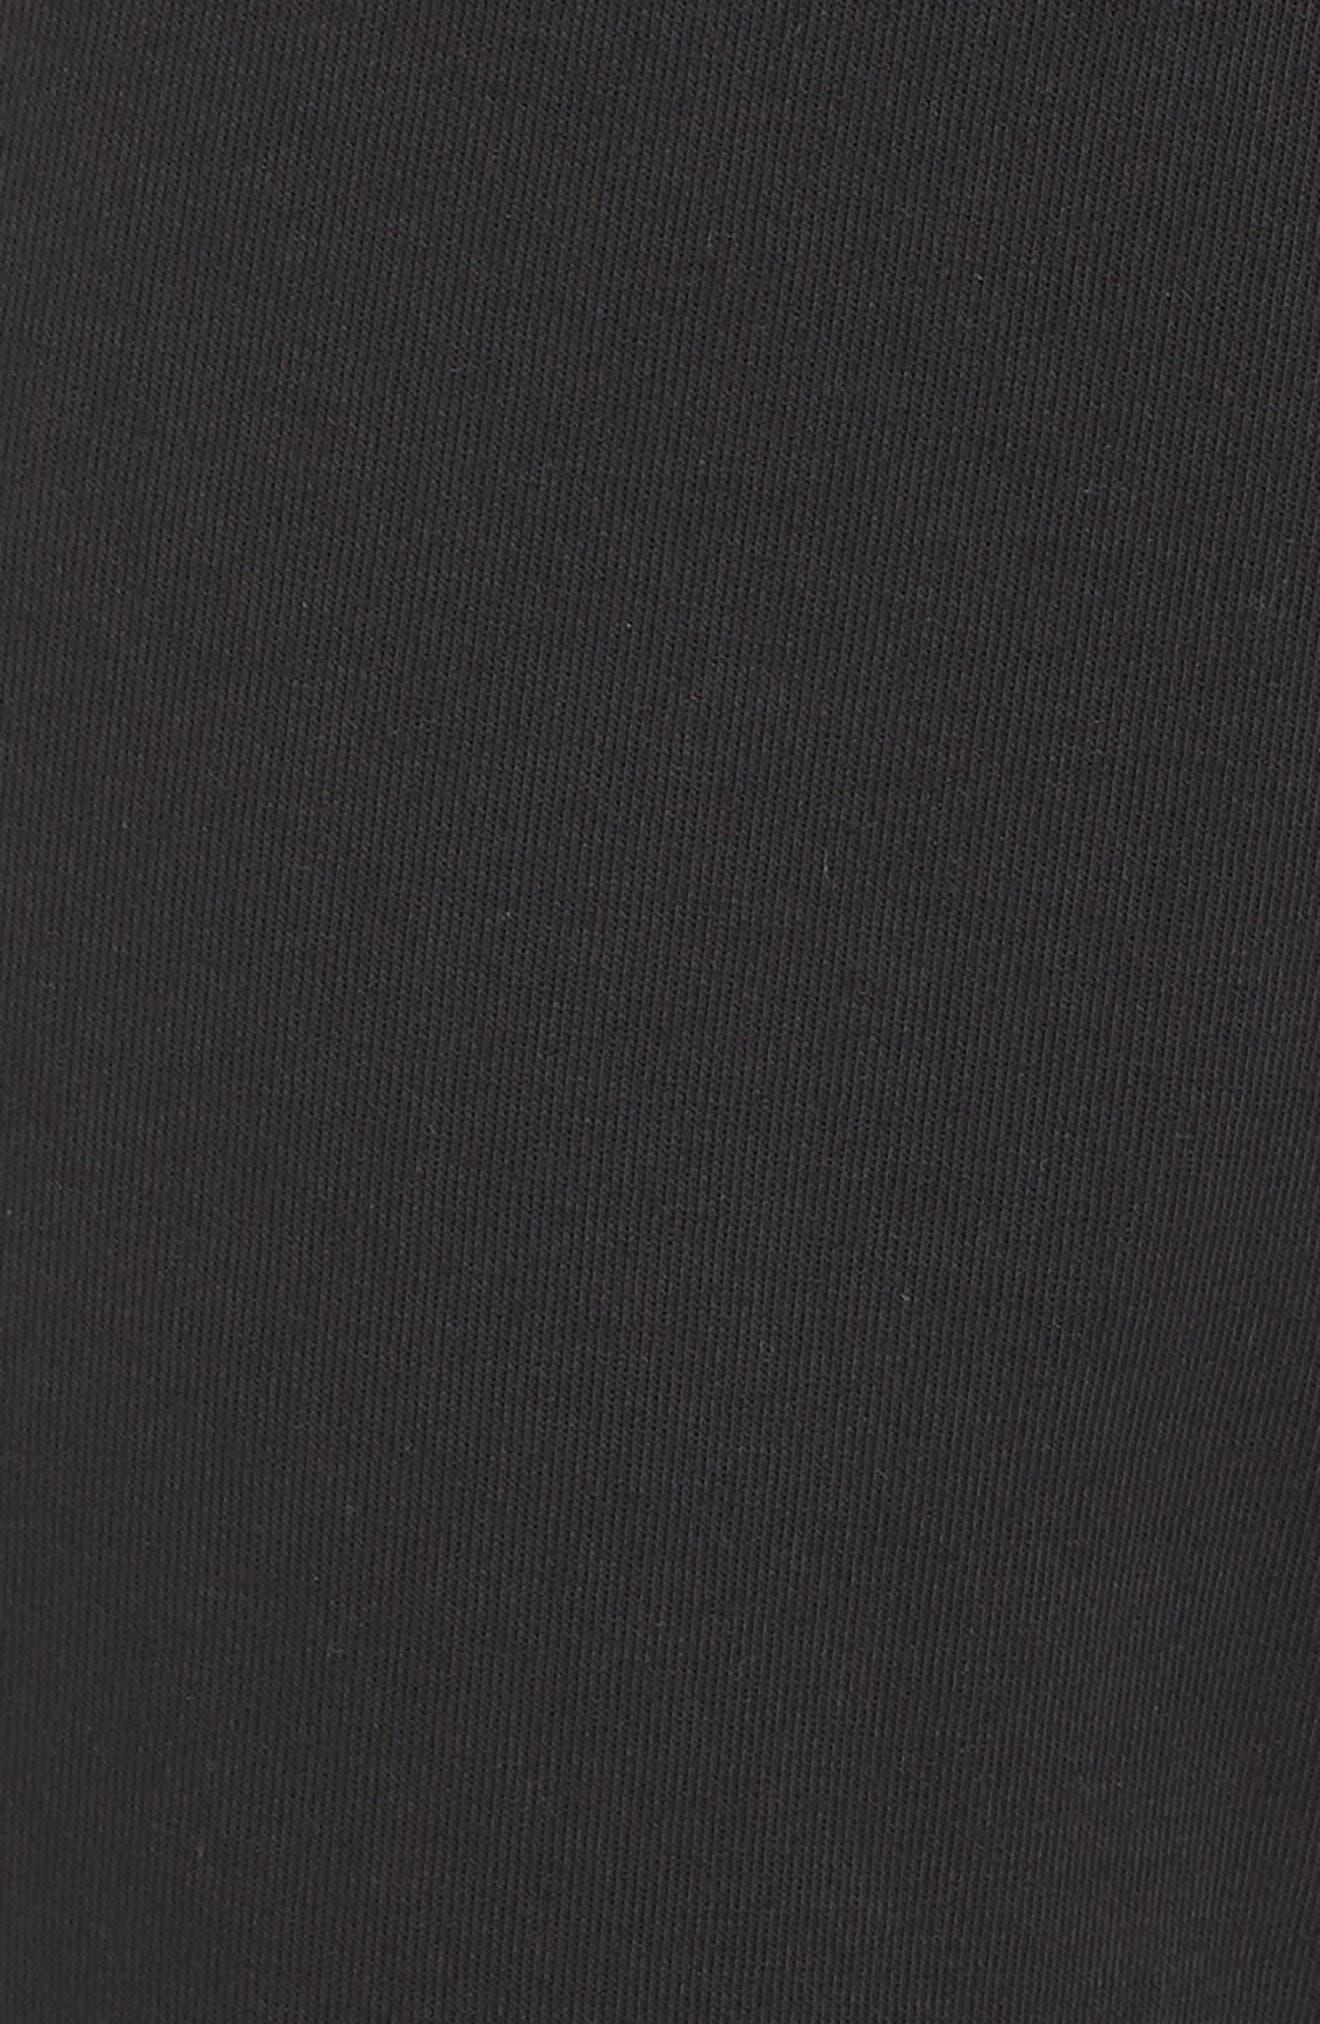 Stadium Pants,                             Alternate thumbnail 6, color,                             BLACK/ BLACK